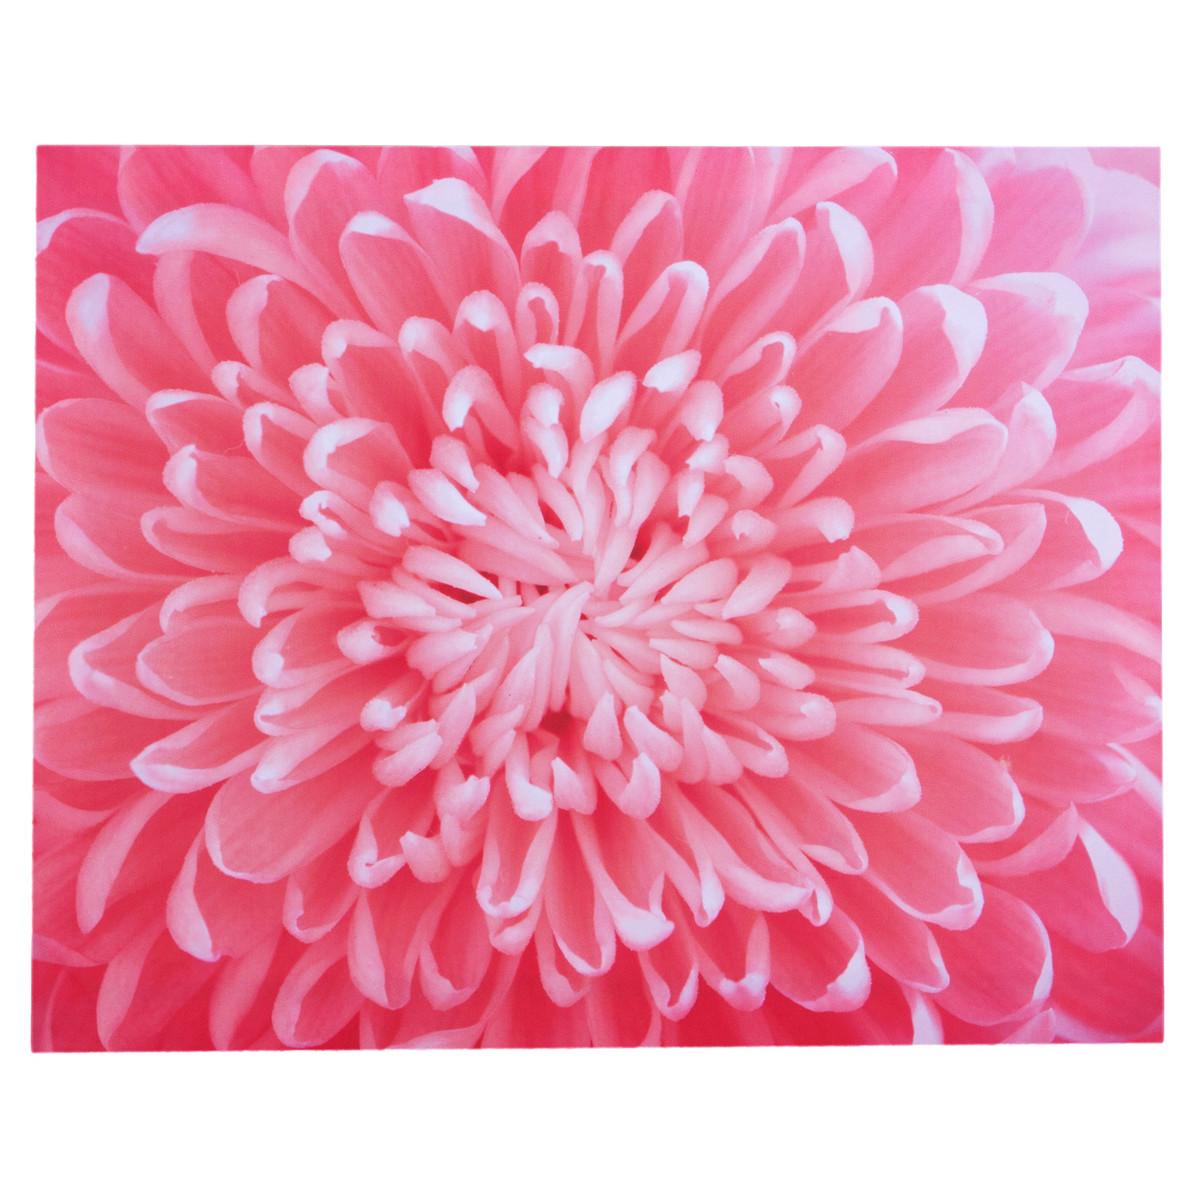 {} Arti-M Картина Claude  (40х50 см) molly мозаичная картина зеленая долина 40х50 см